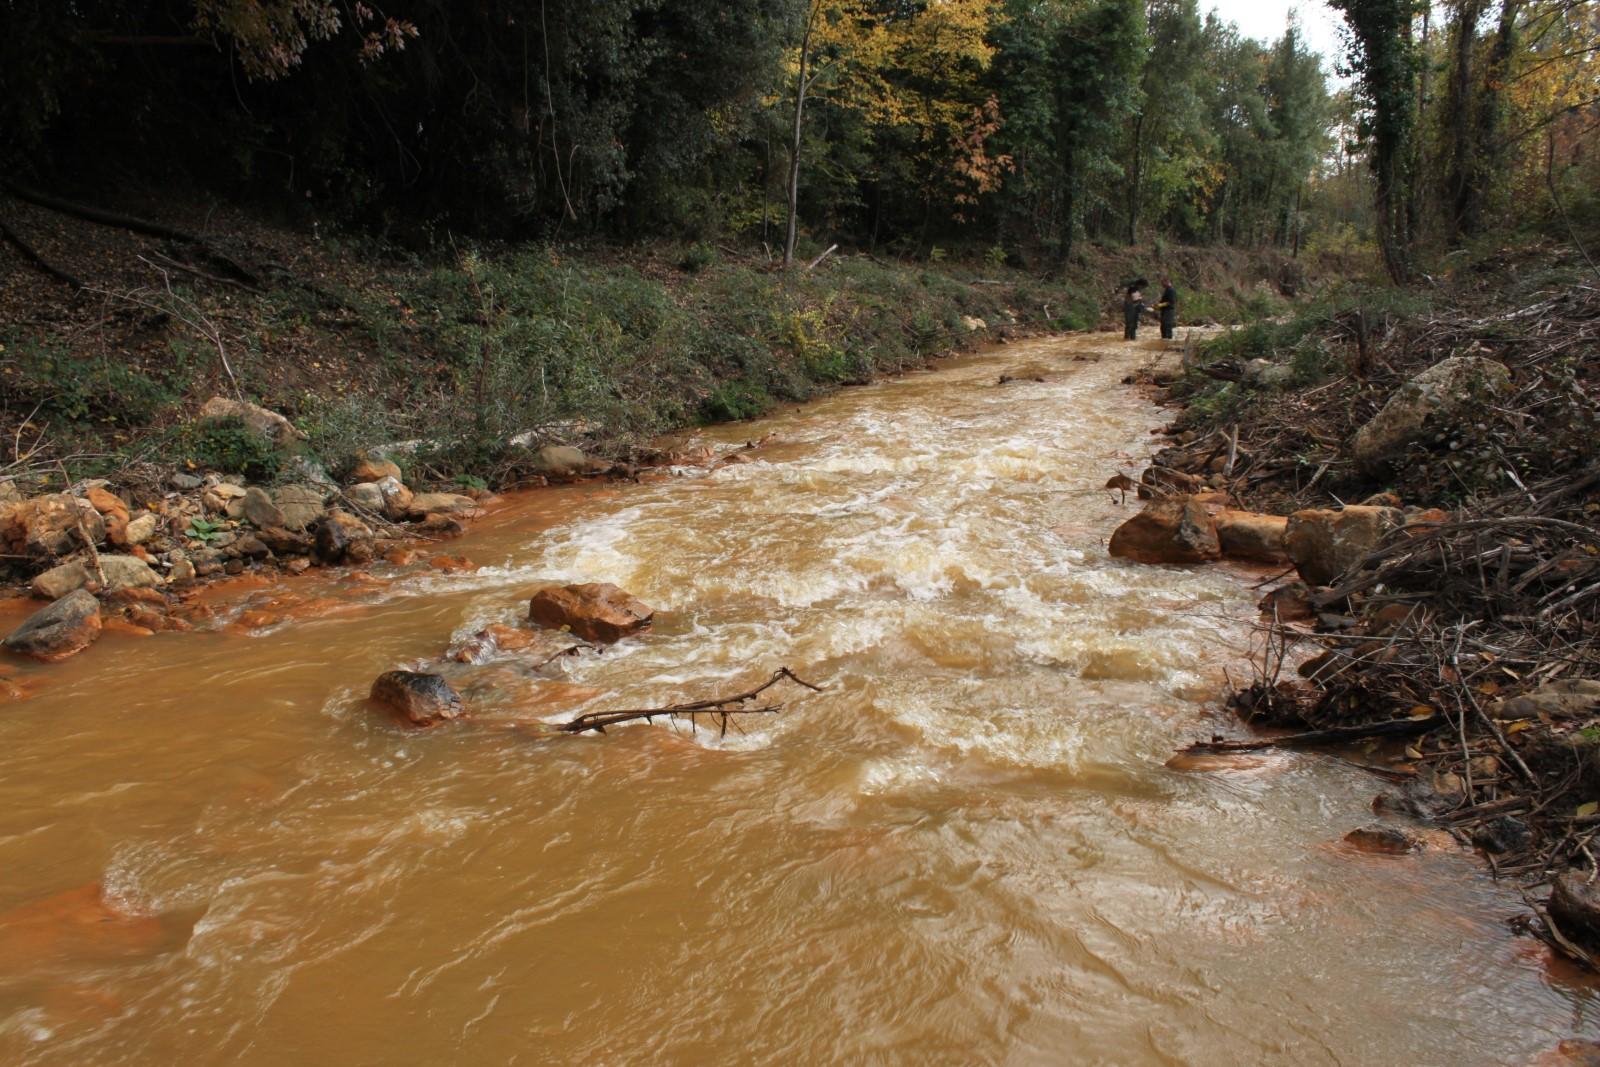 Misure su corso d'acqua inquinato